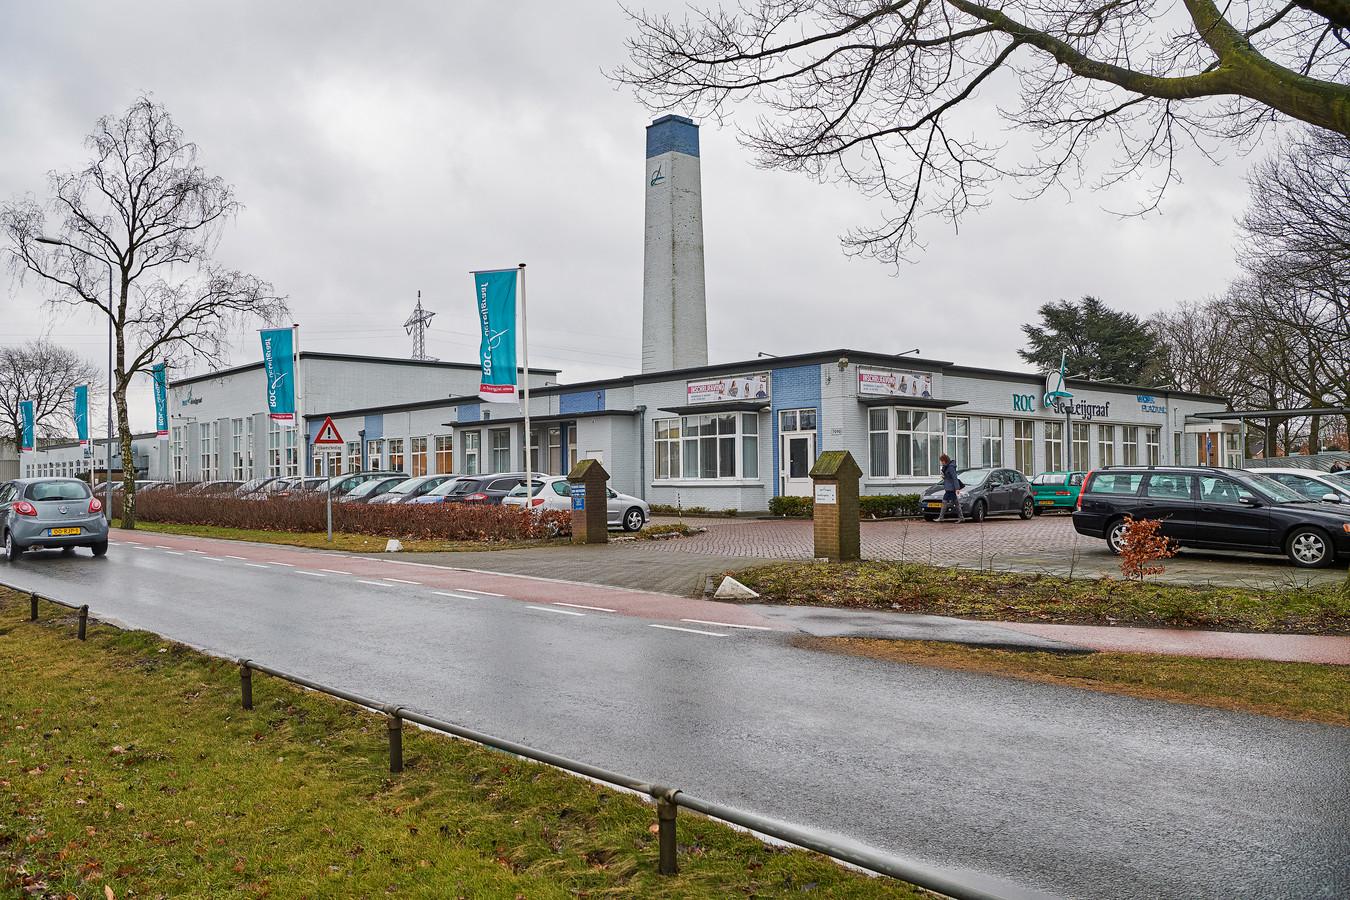 Het pand van ROC de Leijgraaf in Uden staat te koop. De gemeente Uden heeft geen belangstelling.